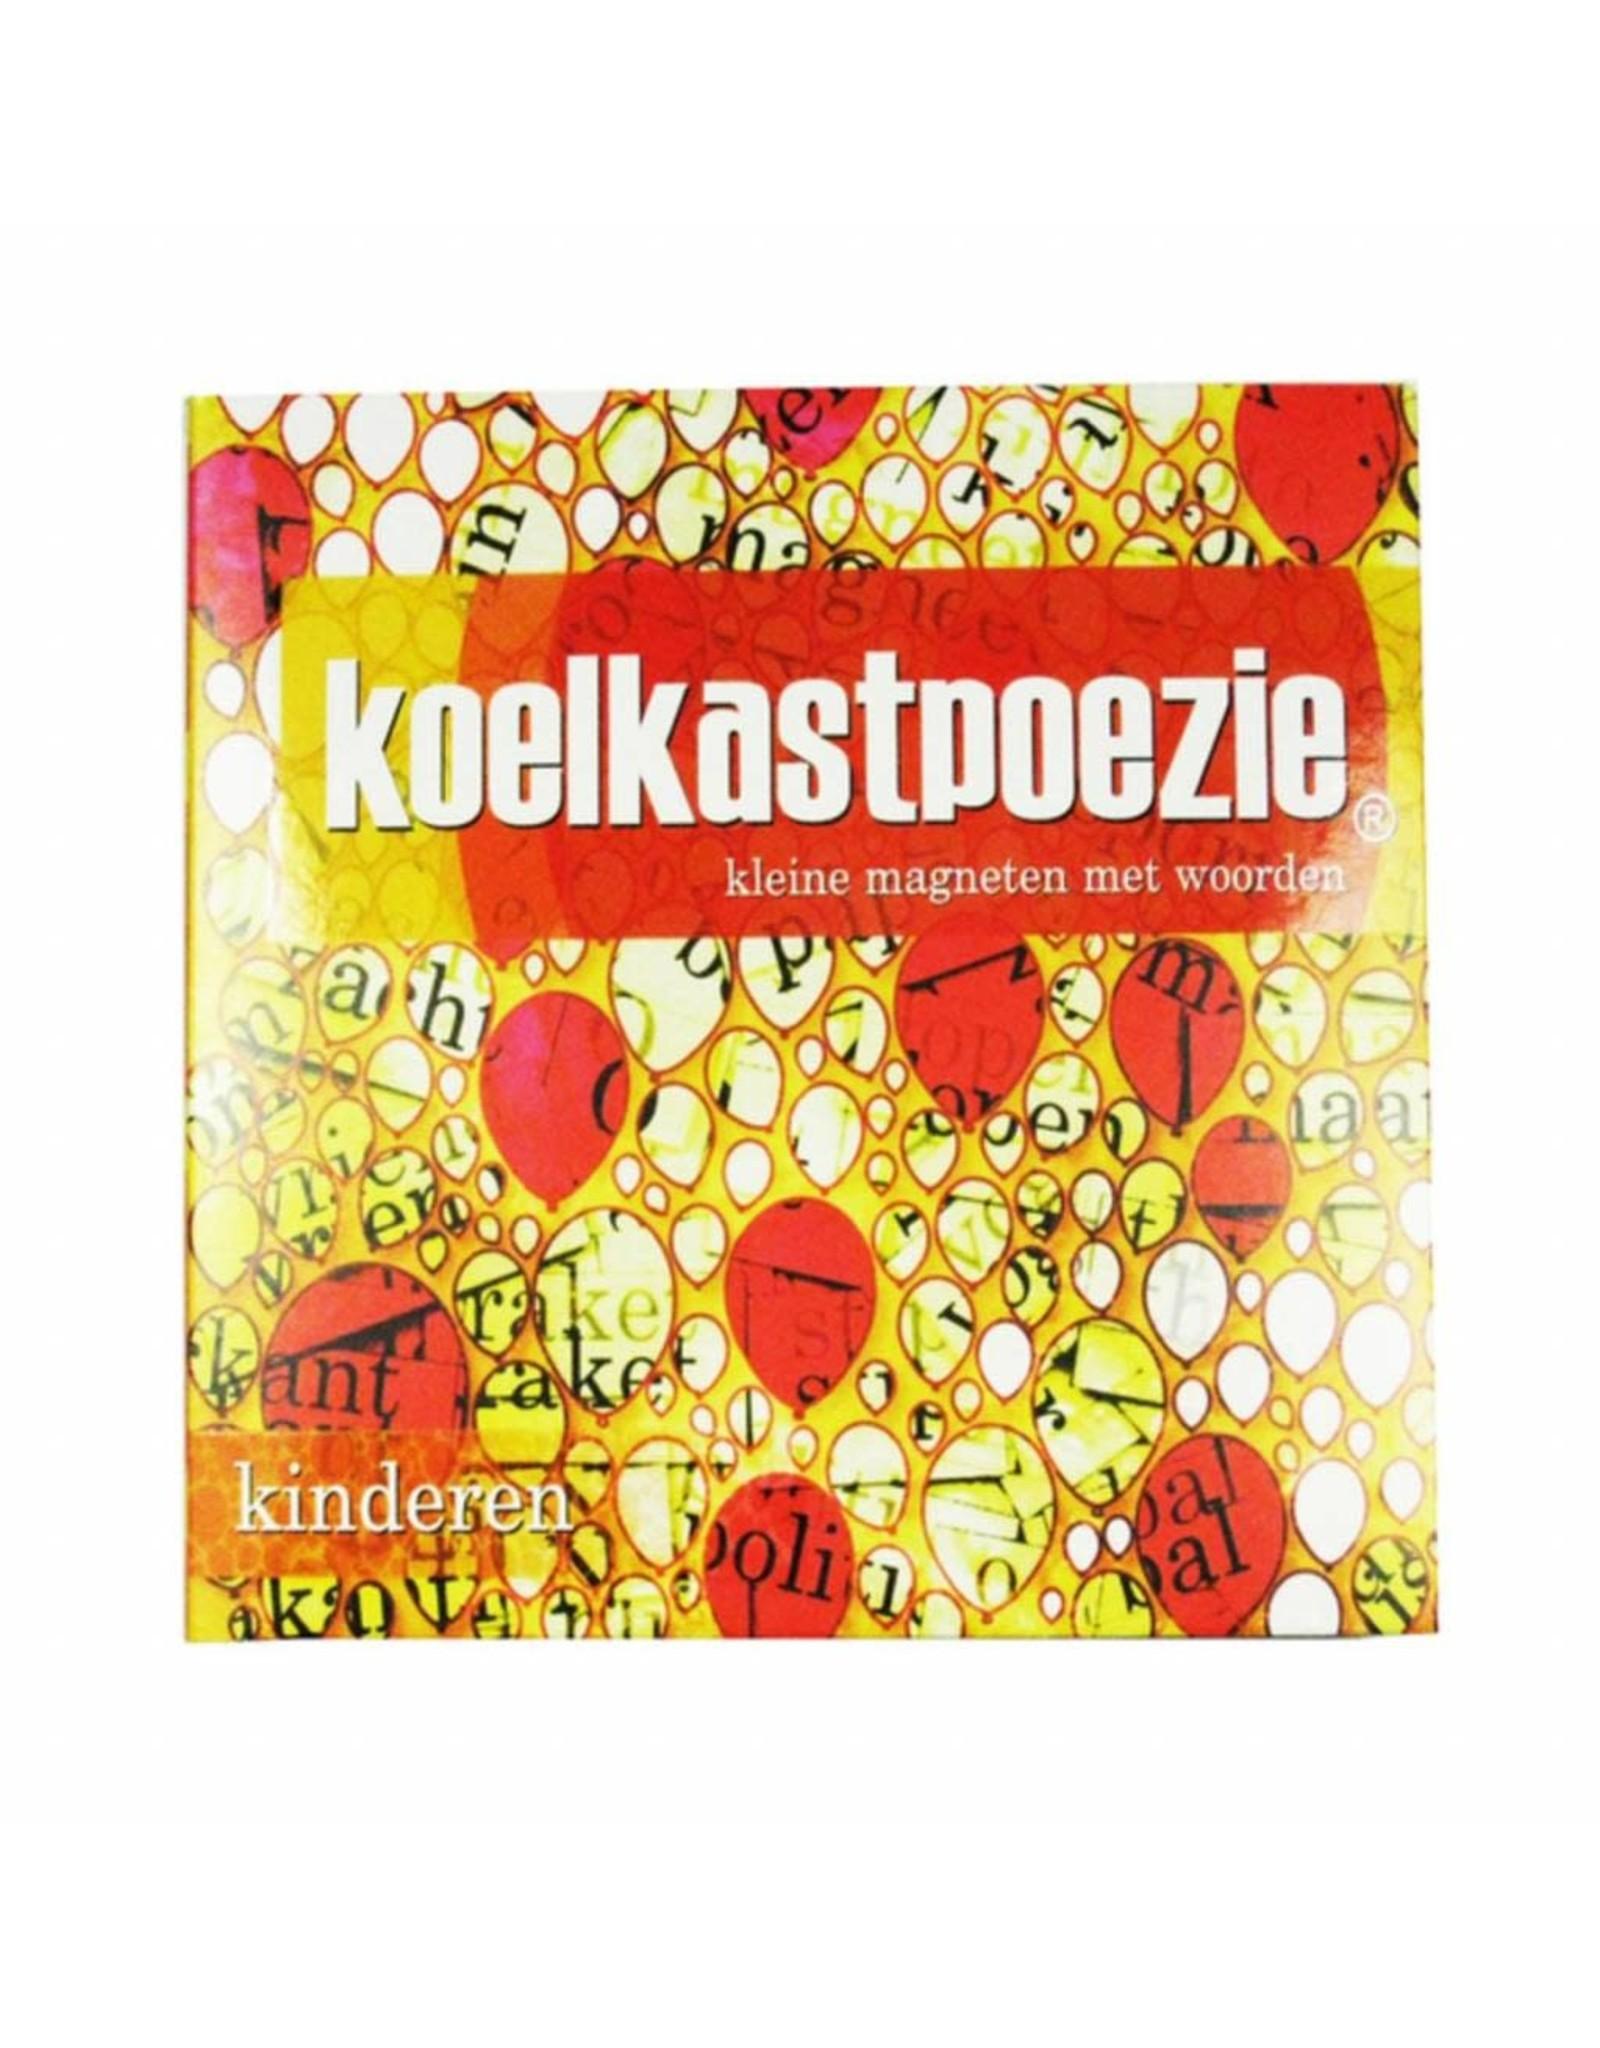 Koelkastpoezie Koelkastpoezie kinderen  / 510 magneten met woorden en delen van woorden